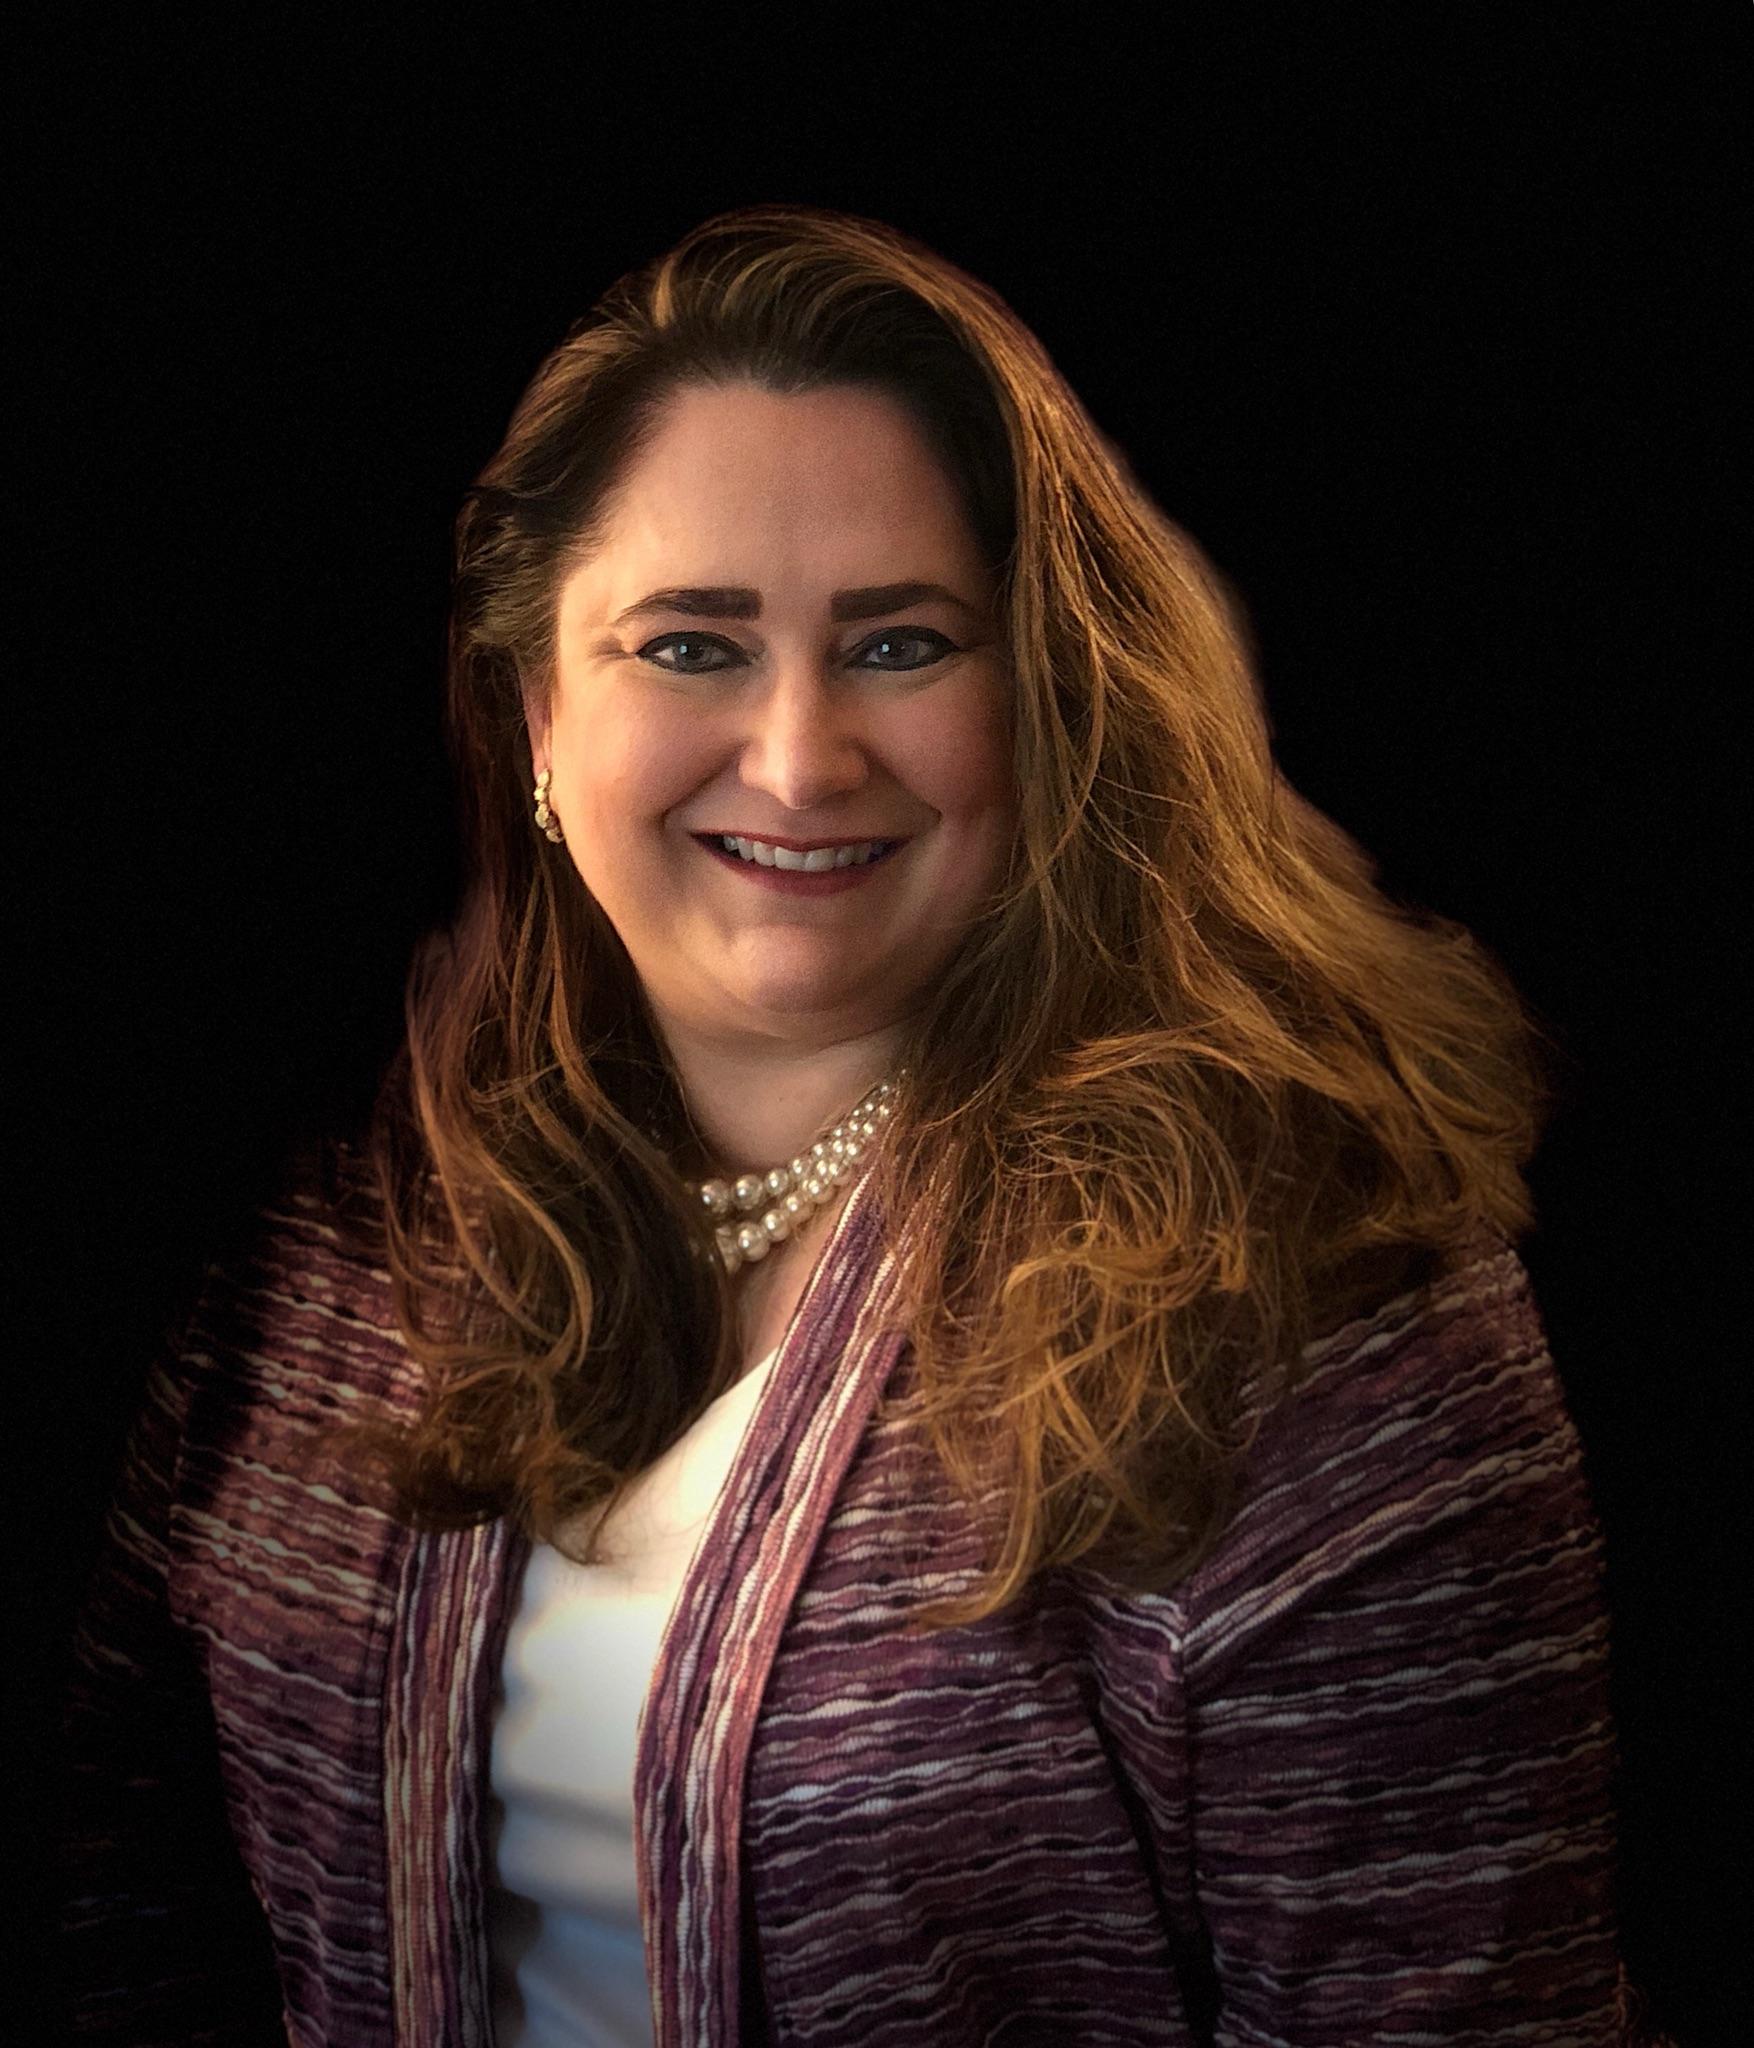 Dr Cynthia Smith